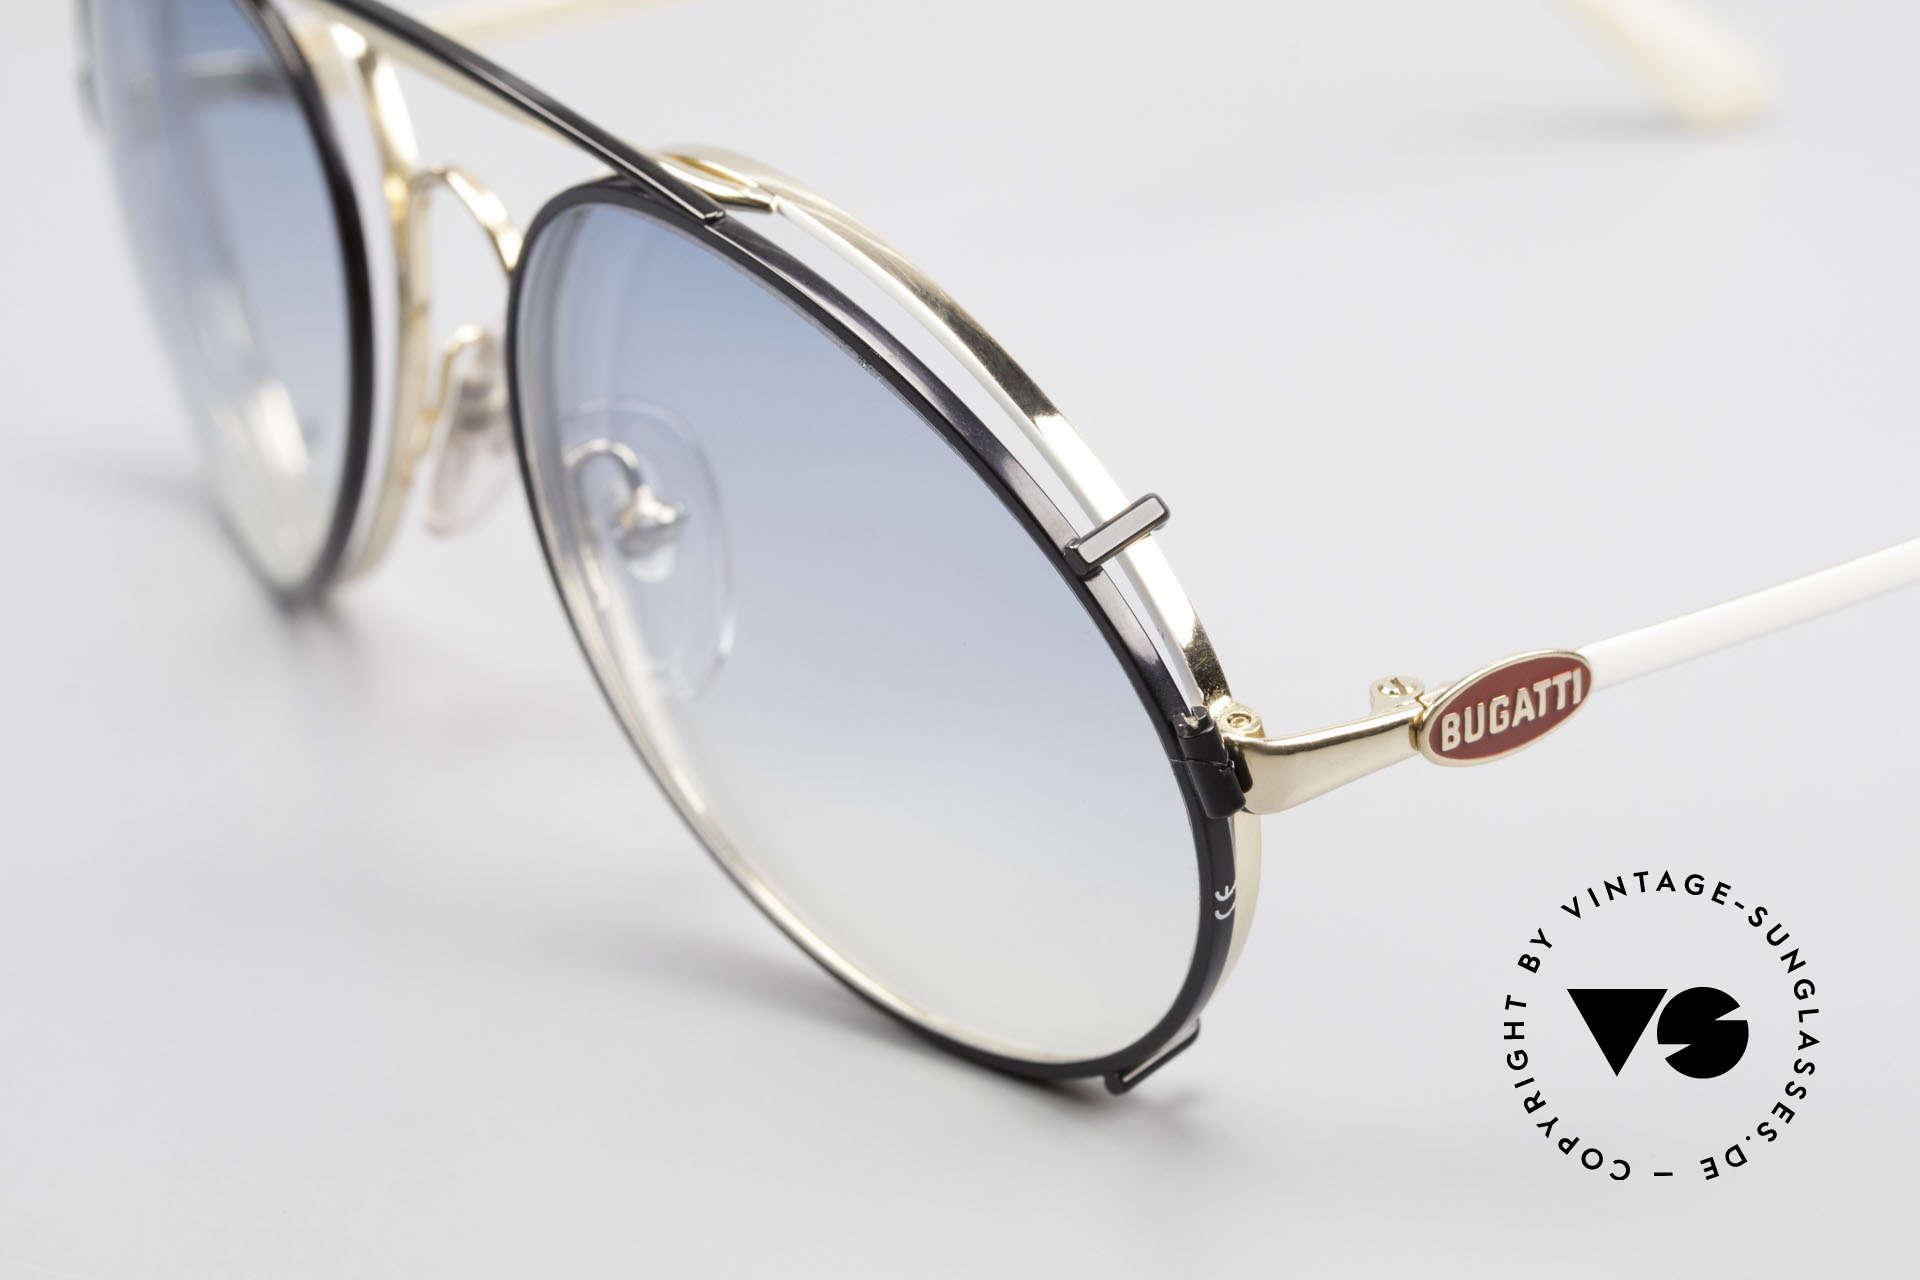 Bugatti 65987 Vintage Brille Mit Sonnenclip, Fassung vergoldet/weiss mit roten Logos, Gr. 54, Passend für Herren